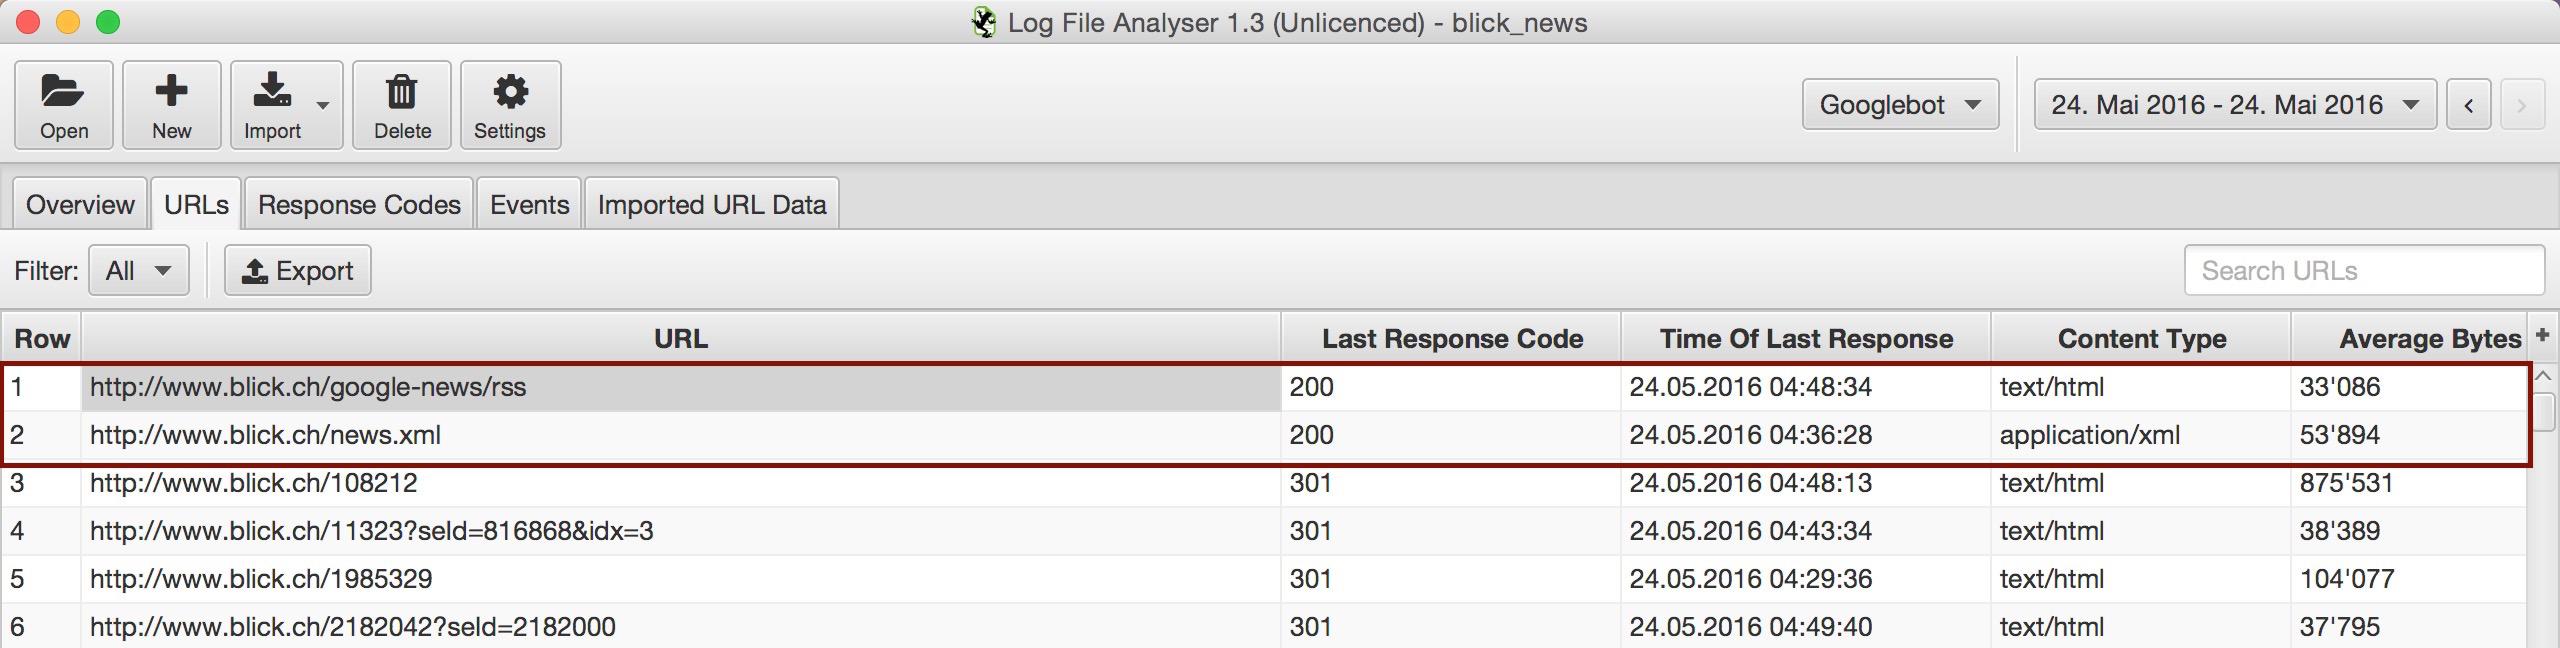 Screenshot vom Log File Analyzer Screaming Frog